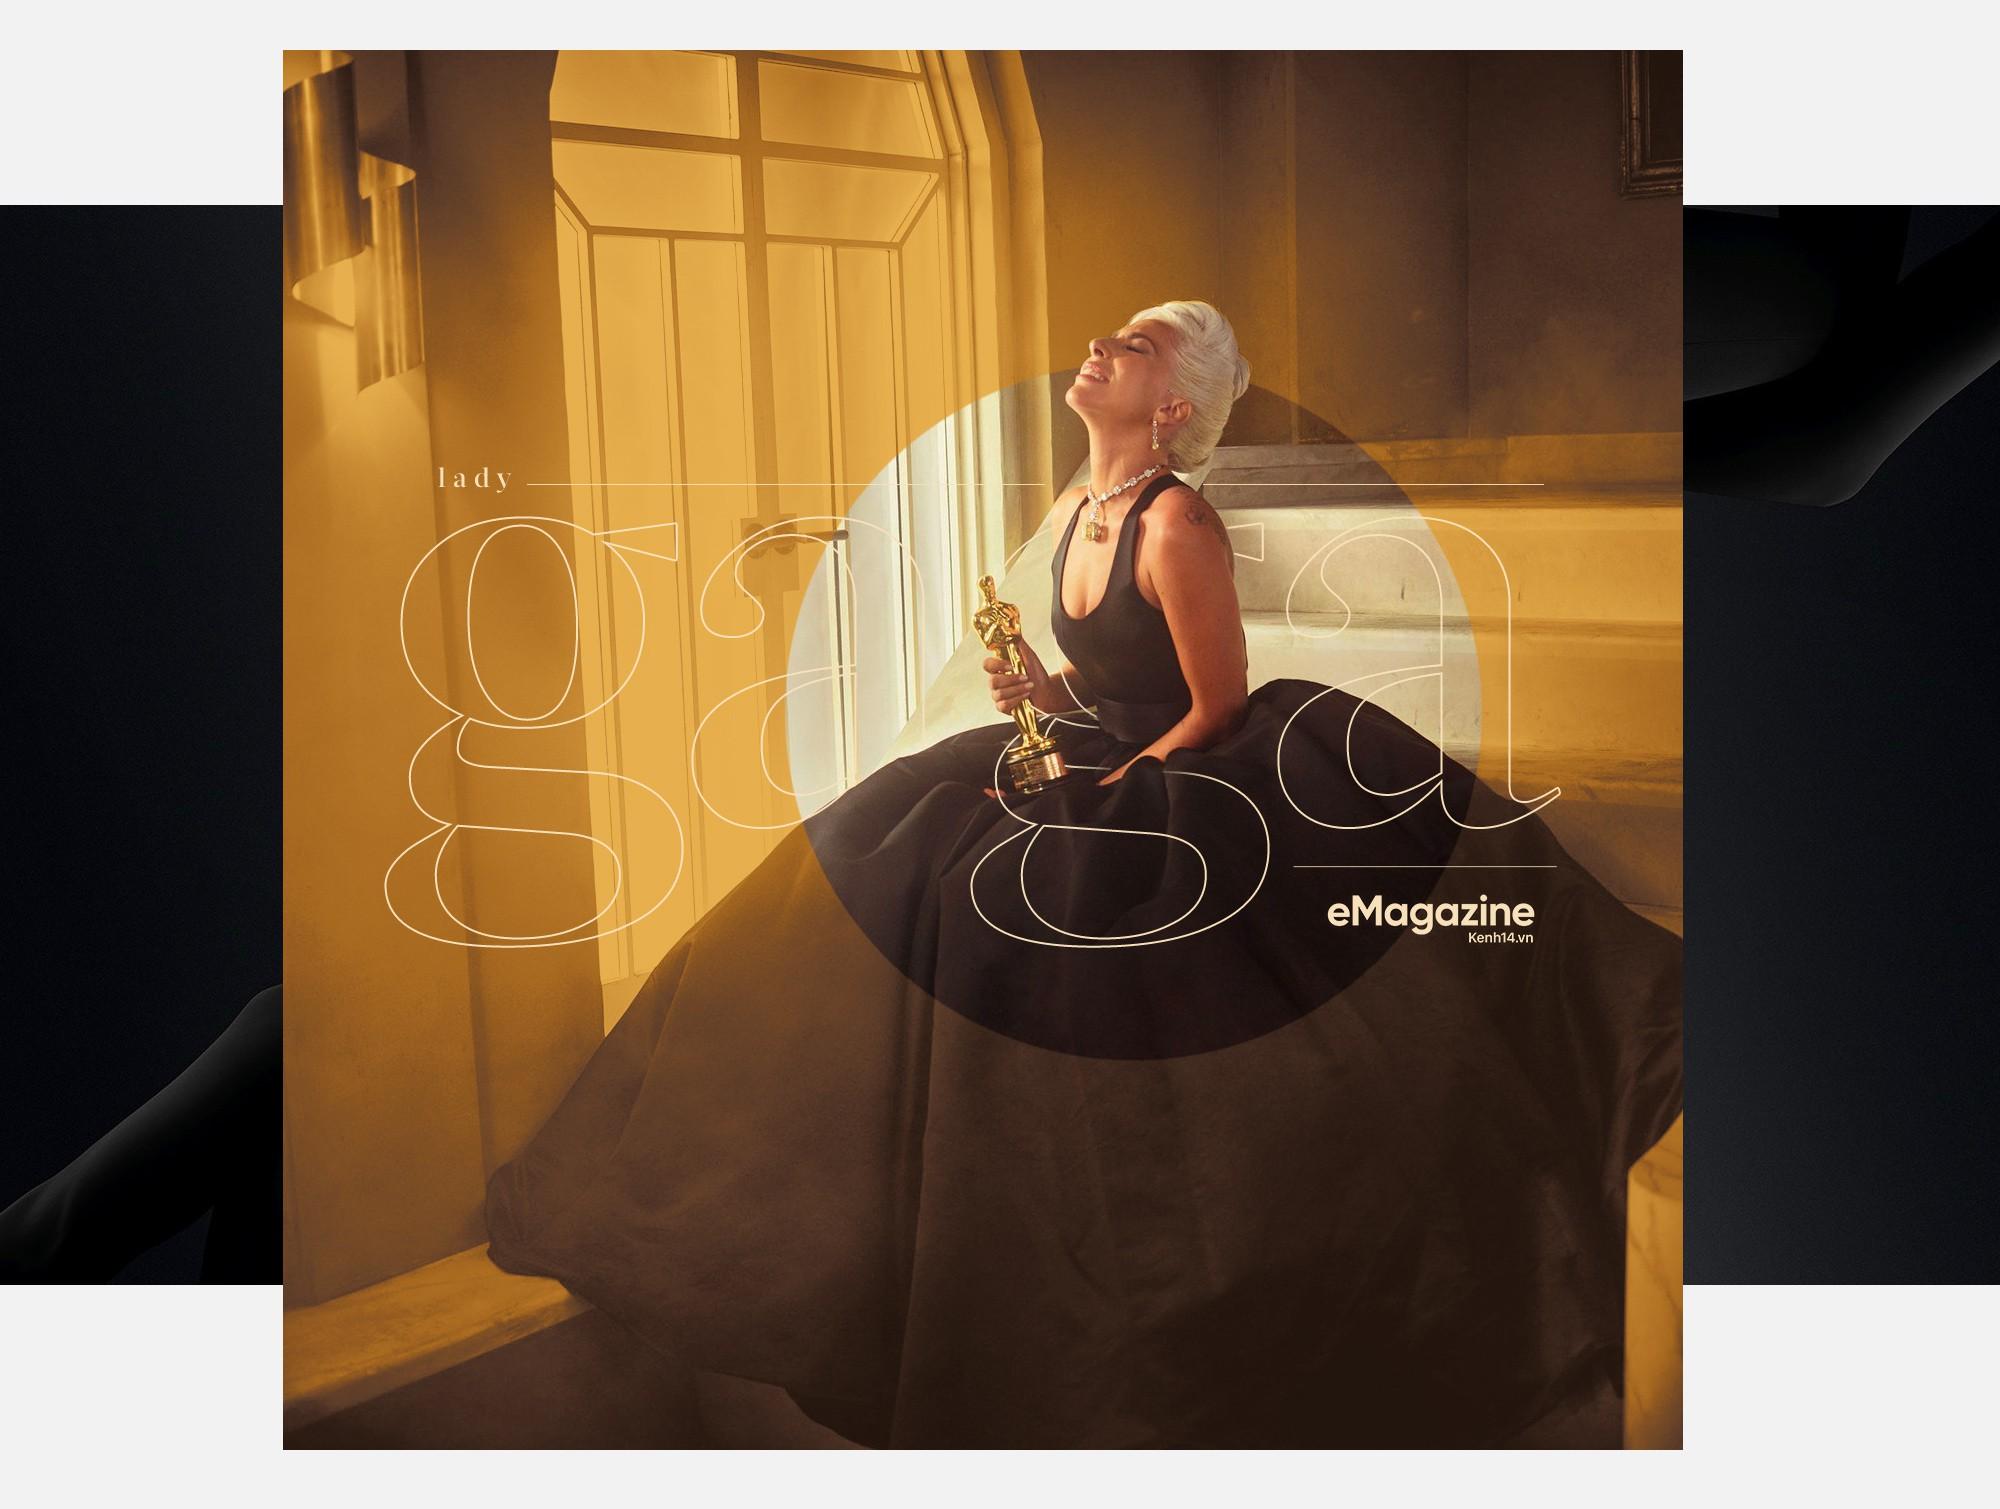 Chuyện chủ nhân 10 tượng vàng Grammy, Oscar Lady Gaga: Người đàn bà dị biệt đã khiến cả thế giới phải nể phục như thế nào? - Ảnh 4.